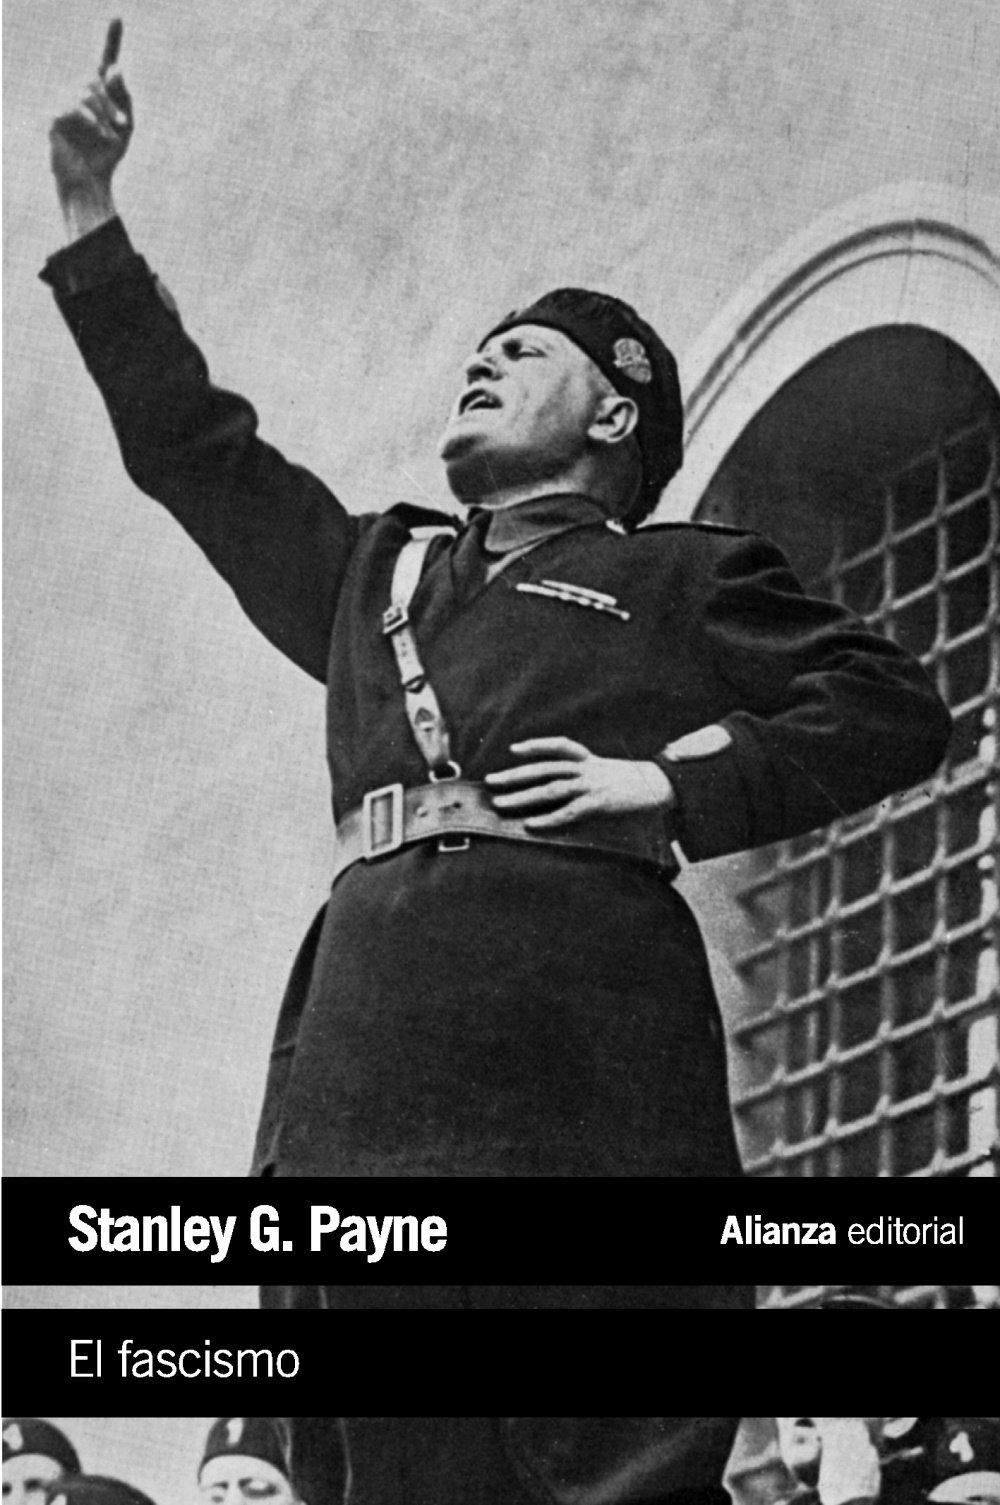 El fascismo (El libro de bolsillo - Historia): Amazon.es: Payne, Stanley G., Santos Fontenla, Fernando: Libros